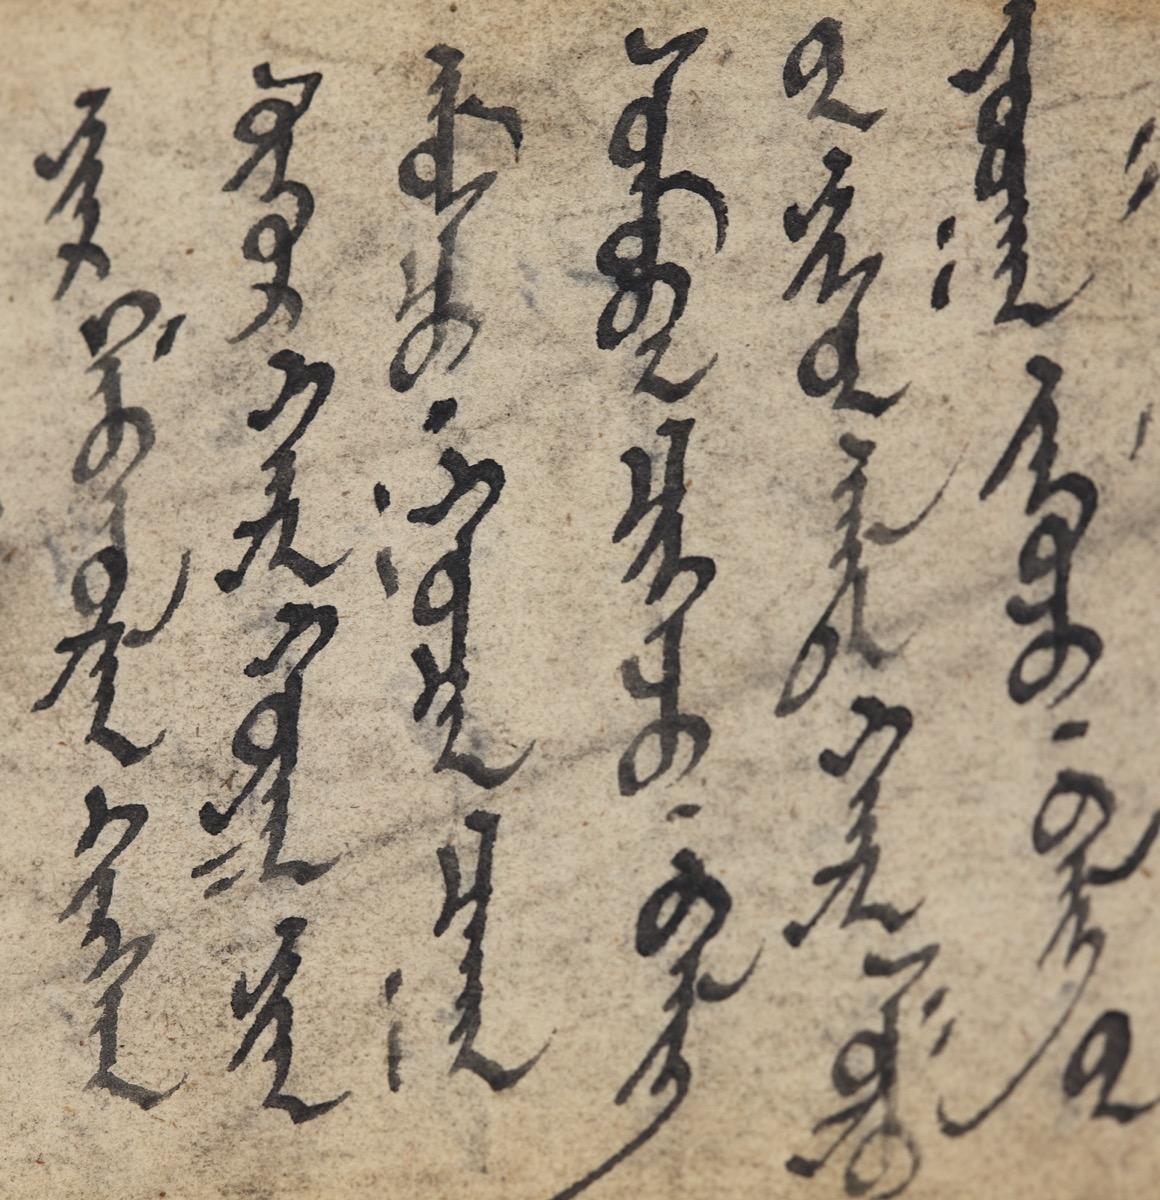 Mongolian script